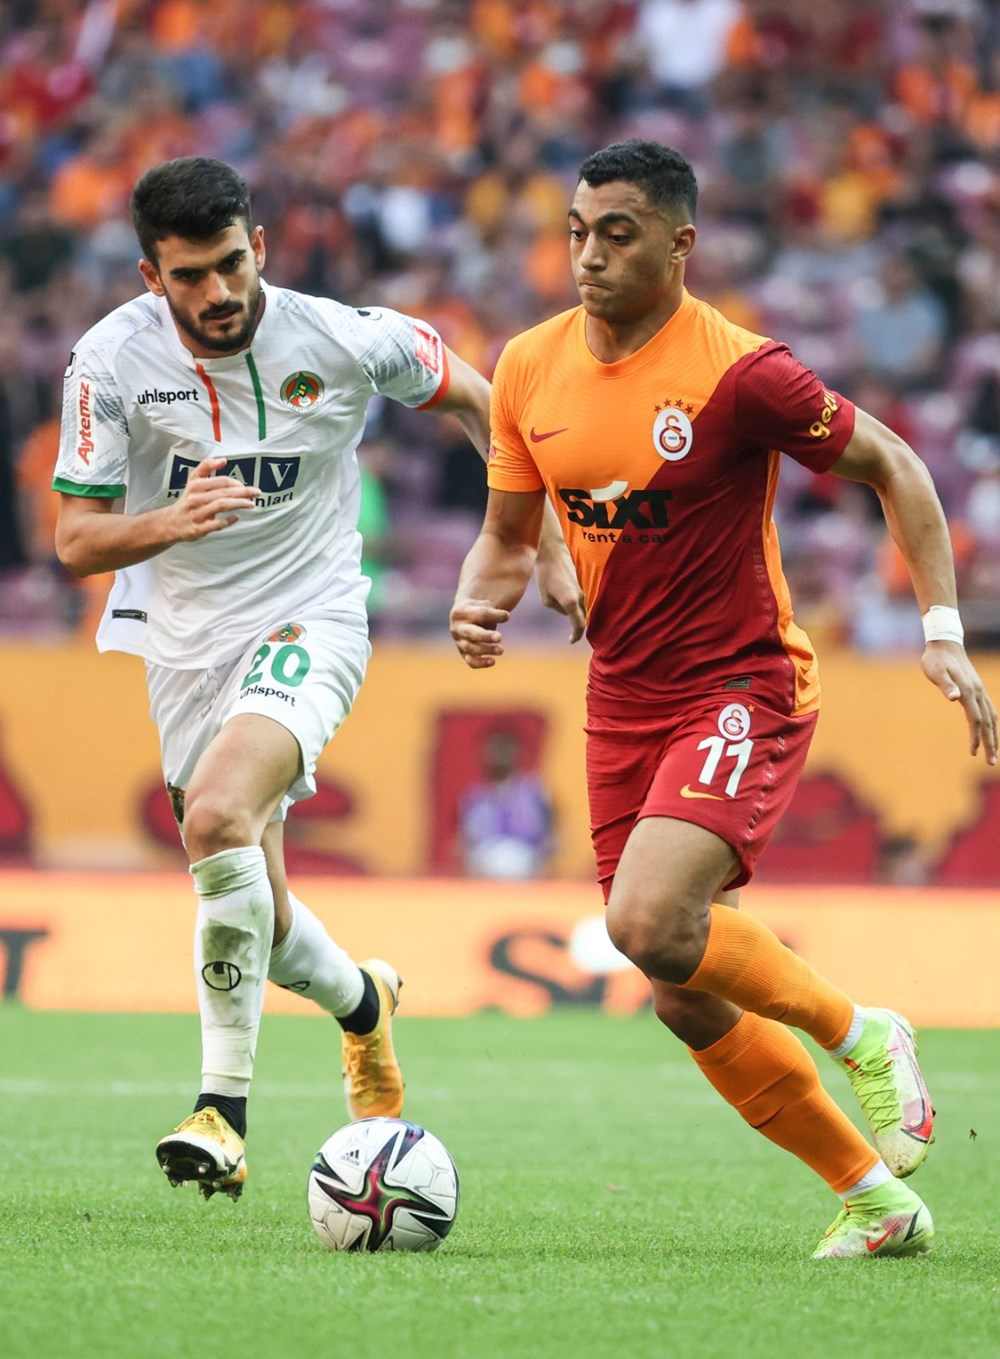 Galatasaray kendi evinde Alanyaspor'a yenildi: Maçtan notlar ve kareler - 3